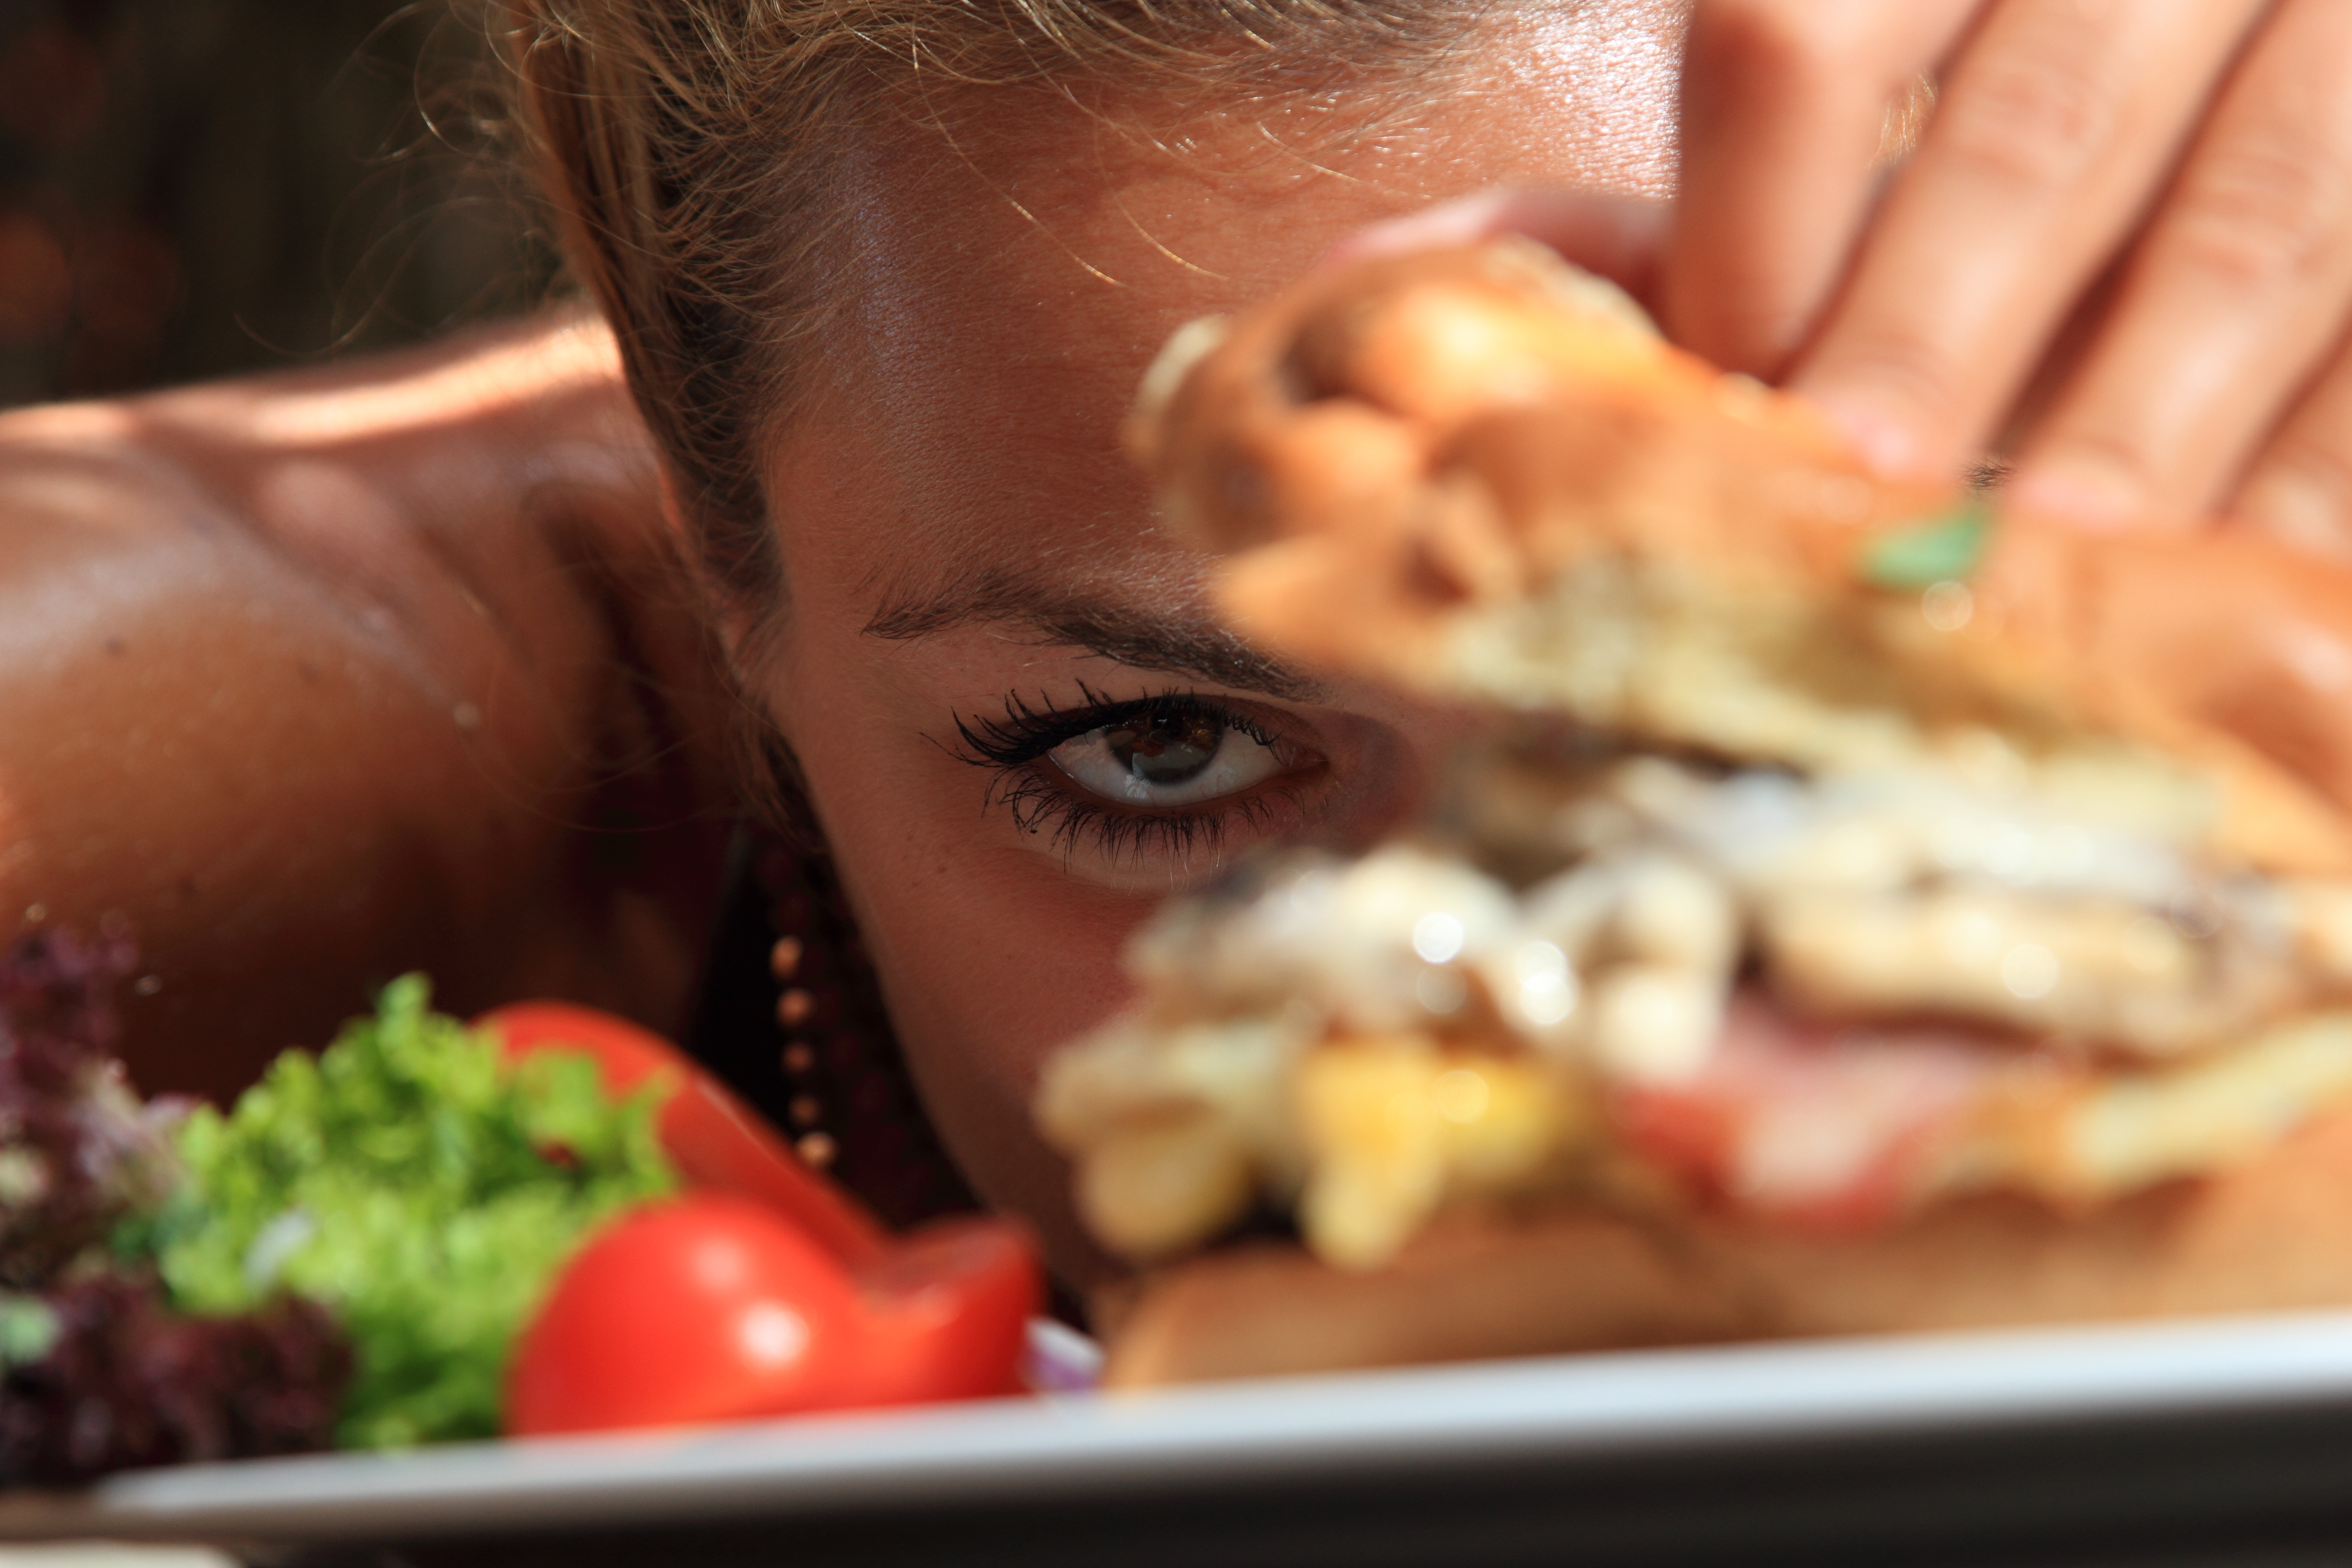 Woman eating a yummy cheeseburger